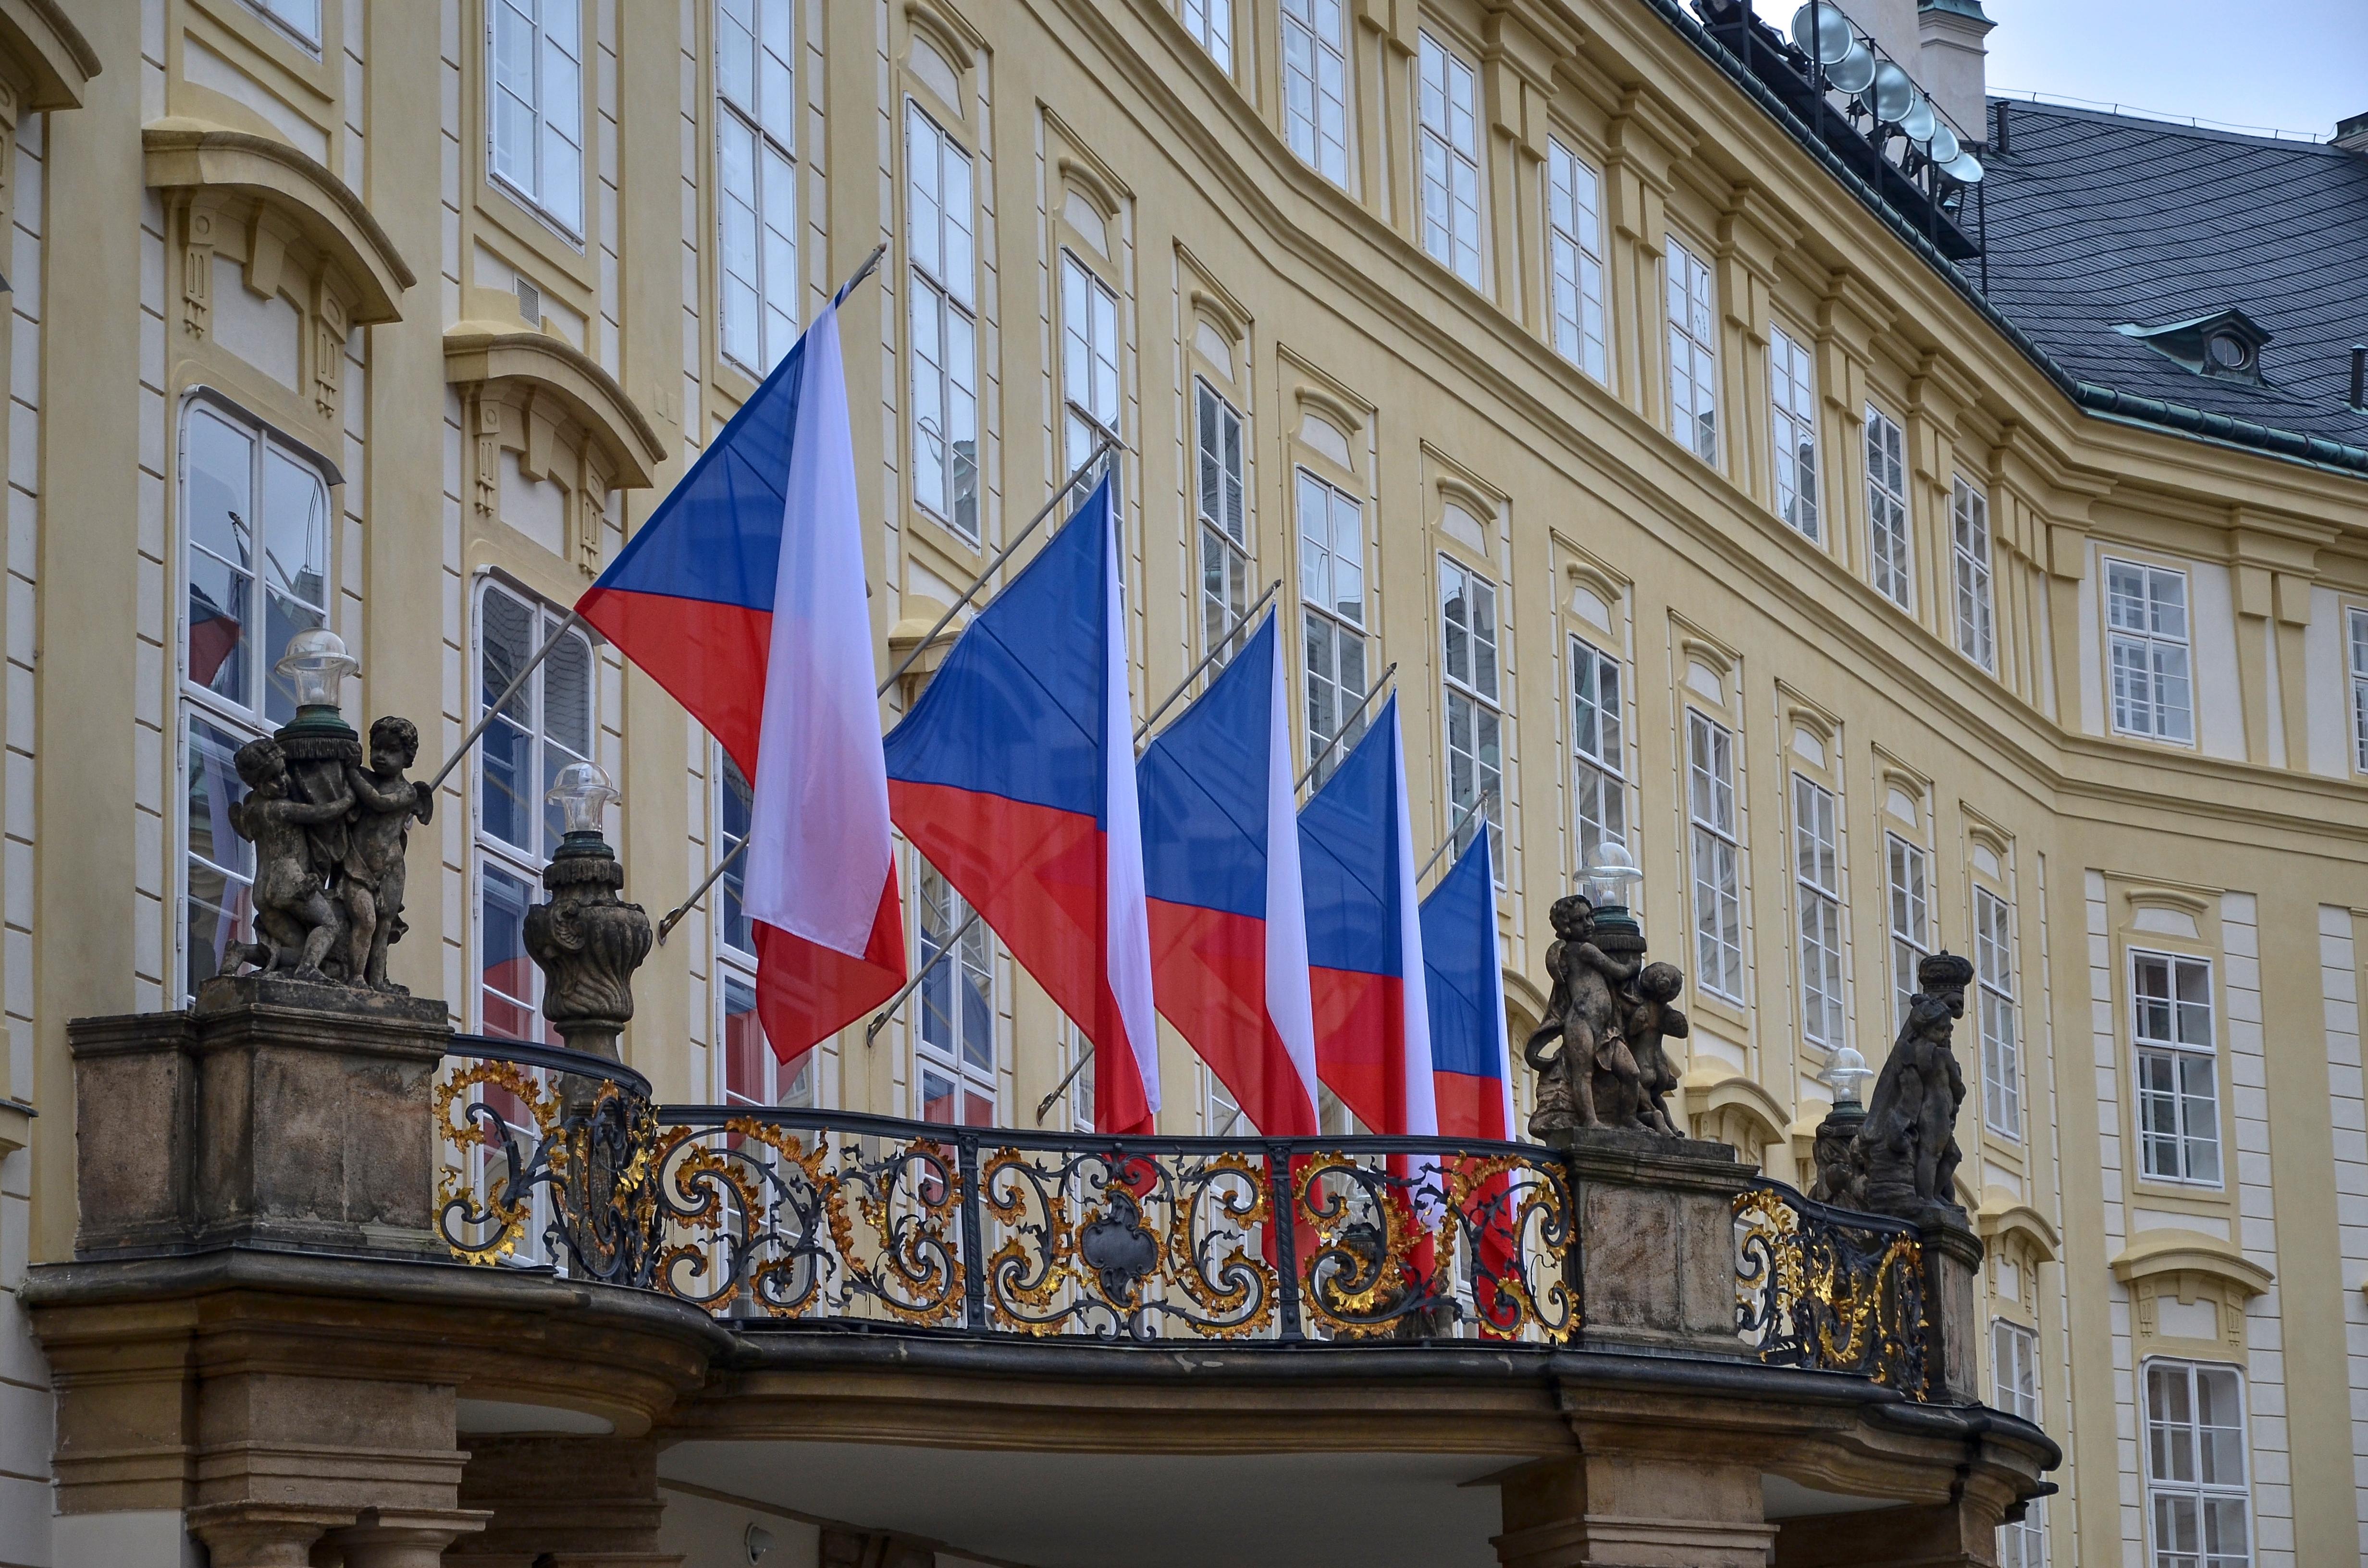 Les drapeaux de la République Tchèque